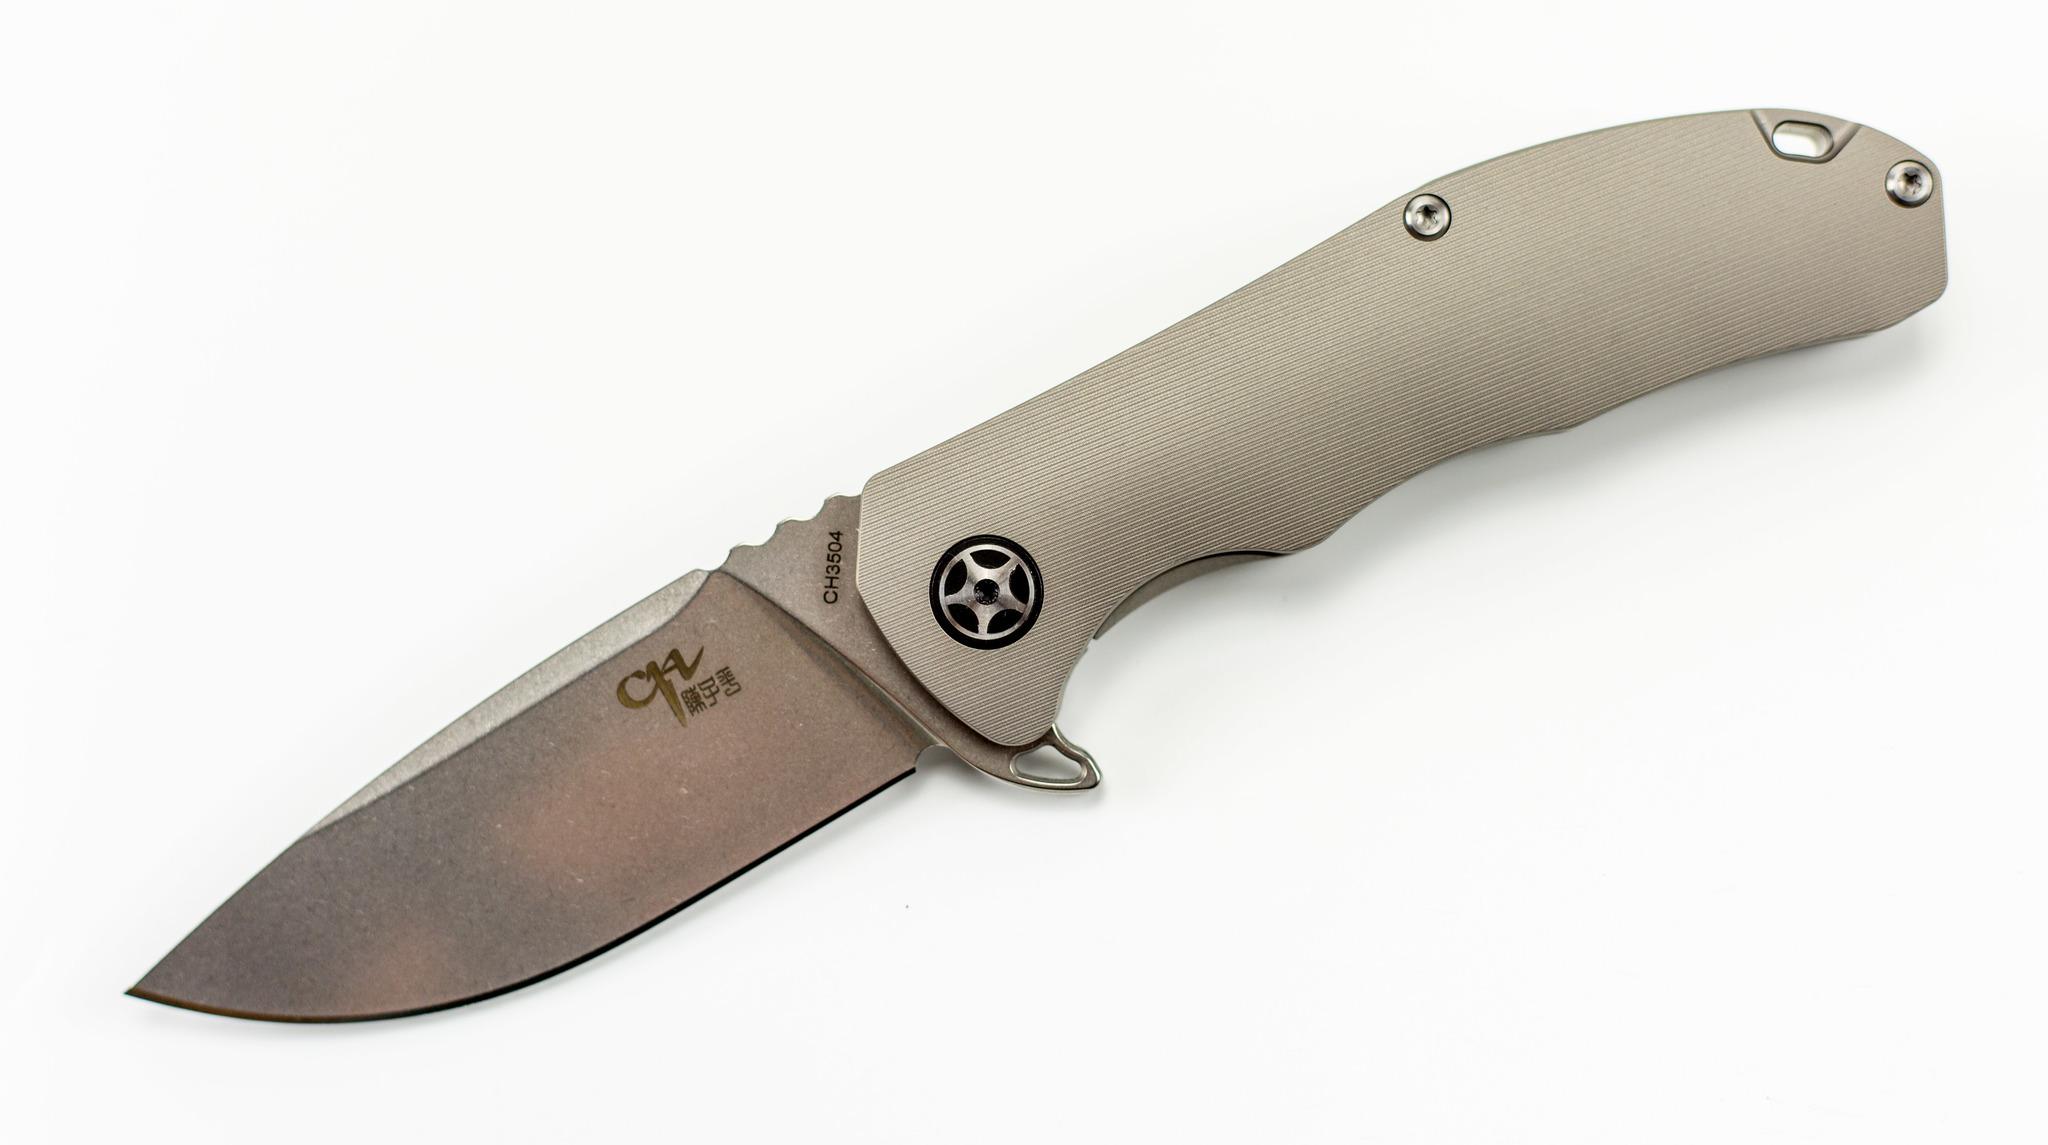 Складной нож CH3504 сталь S35VN, СерыйСкладной нож для использования в городе должен быть легким и компактный. А еще он должен быть стильным, но не слишком ярким. СКЛАДНОЙ НОЖ CH3504 СТАЛЬ S35VN создан как раз для таких случаев. Если вам нужен полезный брутальный аксессуар, который будет доставлять вам удовольствие при каждом использовании — обратите внимание на эту модель. Среди прочих достоинств стоит отдельно отметить клинок из высокотвердой порошковой стали. Бритвенная острота режущей кромки обеспечена вам в течение длительного времени. Чтобы нож имеет небольшой вес, плашки рукояти выполнены из облегченного титанового сплава. В качестве замка здесь используется старый добрый фрейм-лок. Нож открывается в полуавтоматическом режиме с помощью выступа флиппера.